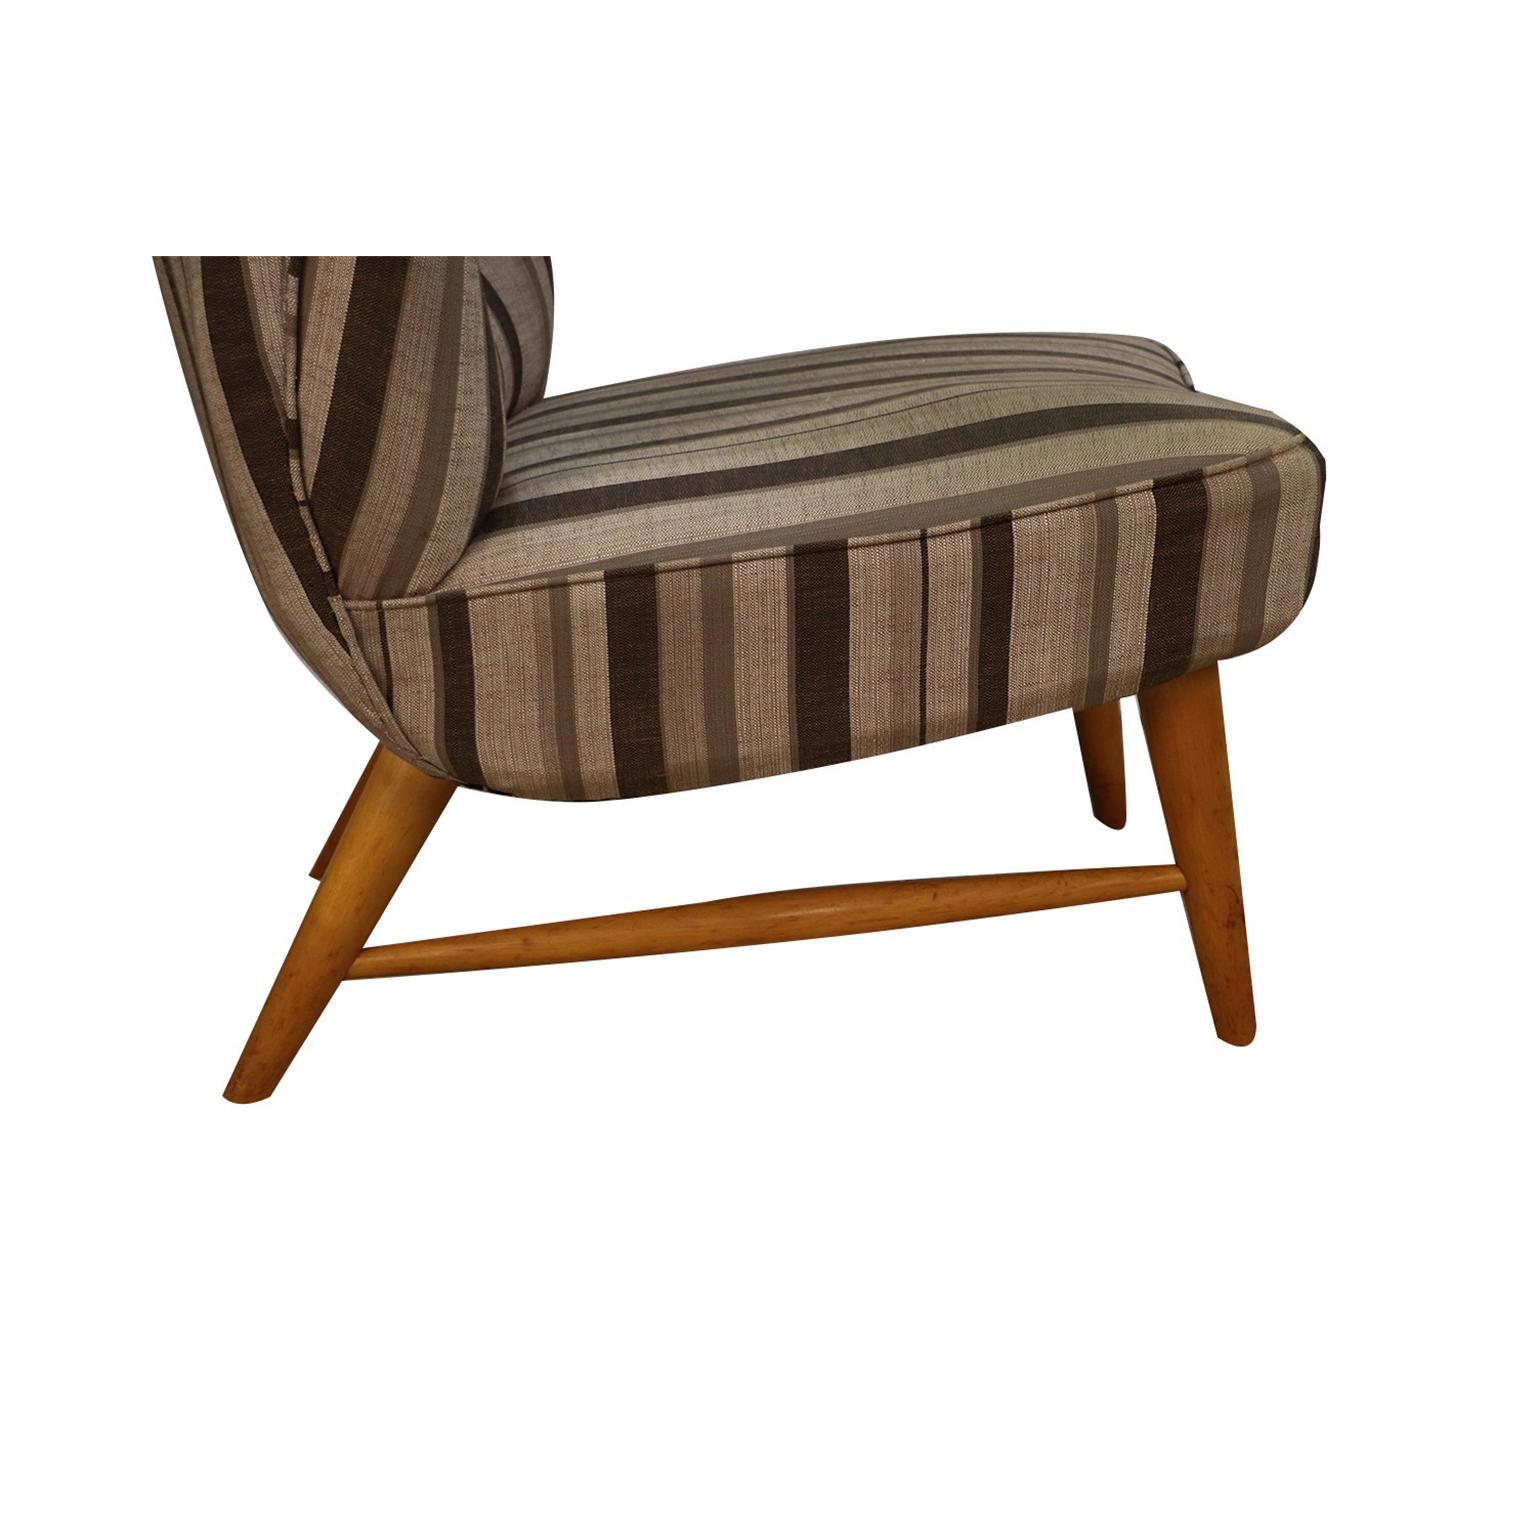 Midcentury Elias Svedberg Knoll 201 Wingback Armless Chair